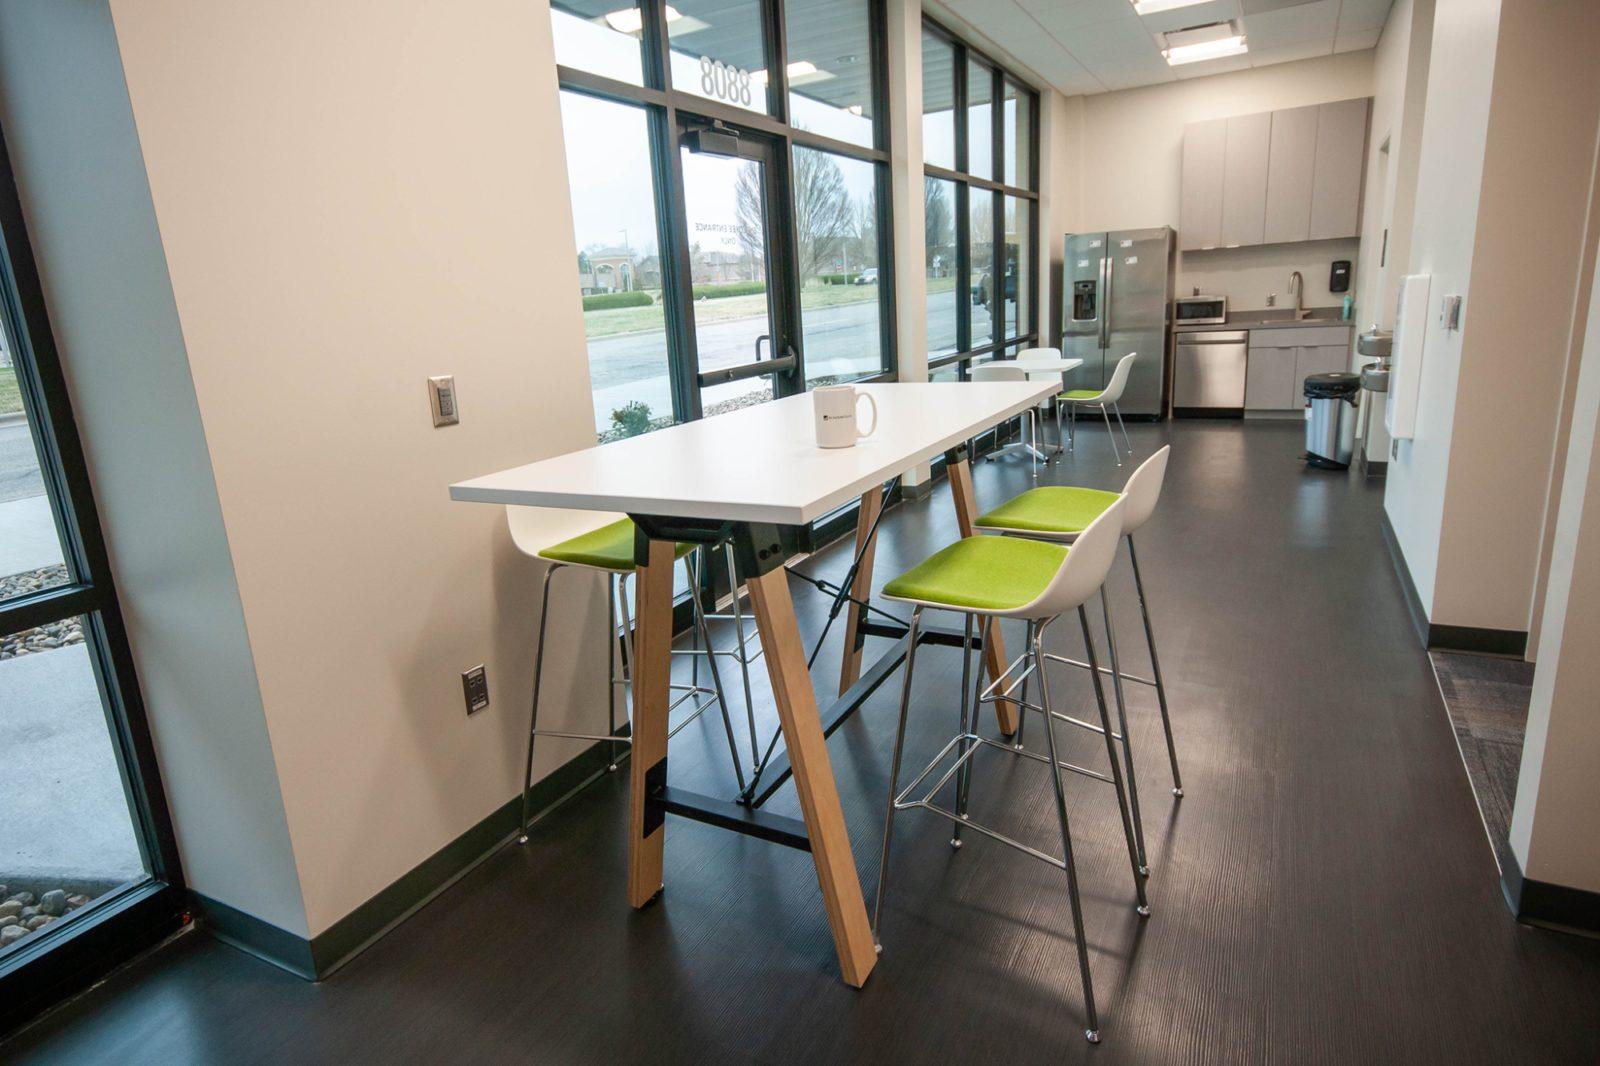 Academy Bank Lenexa Break Room 1